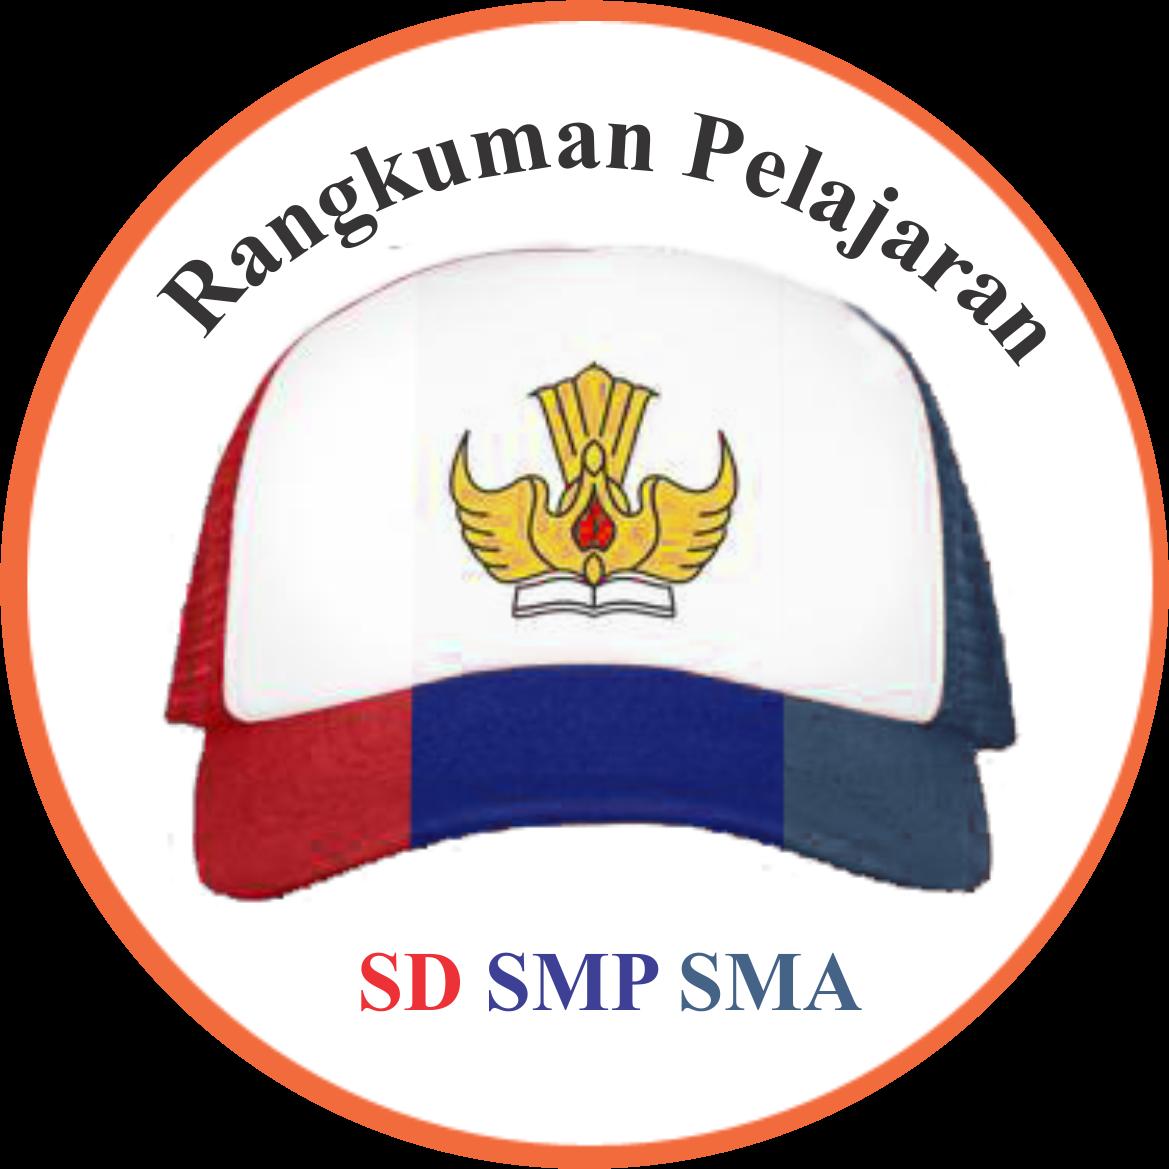 Rangkuman Pelajaran Bahasa Indonesia Kelas 2 Sekolah Dasar Rangkuman Pelajaran Dan Soal Sd Smp Sma